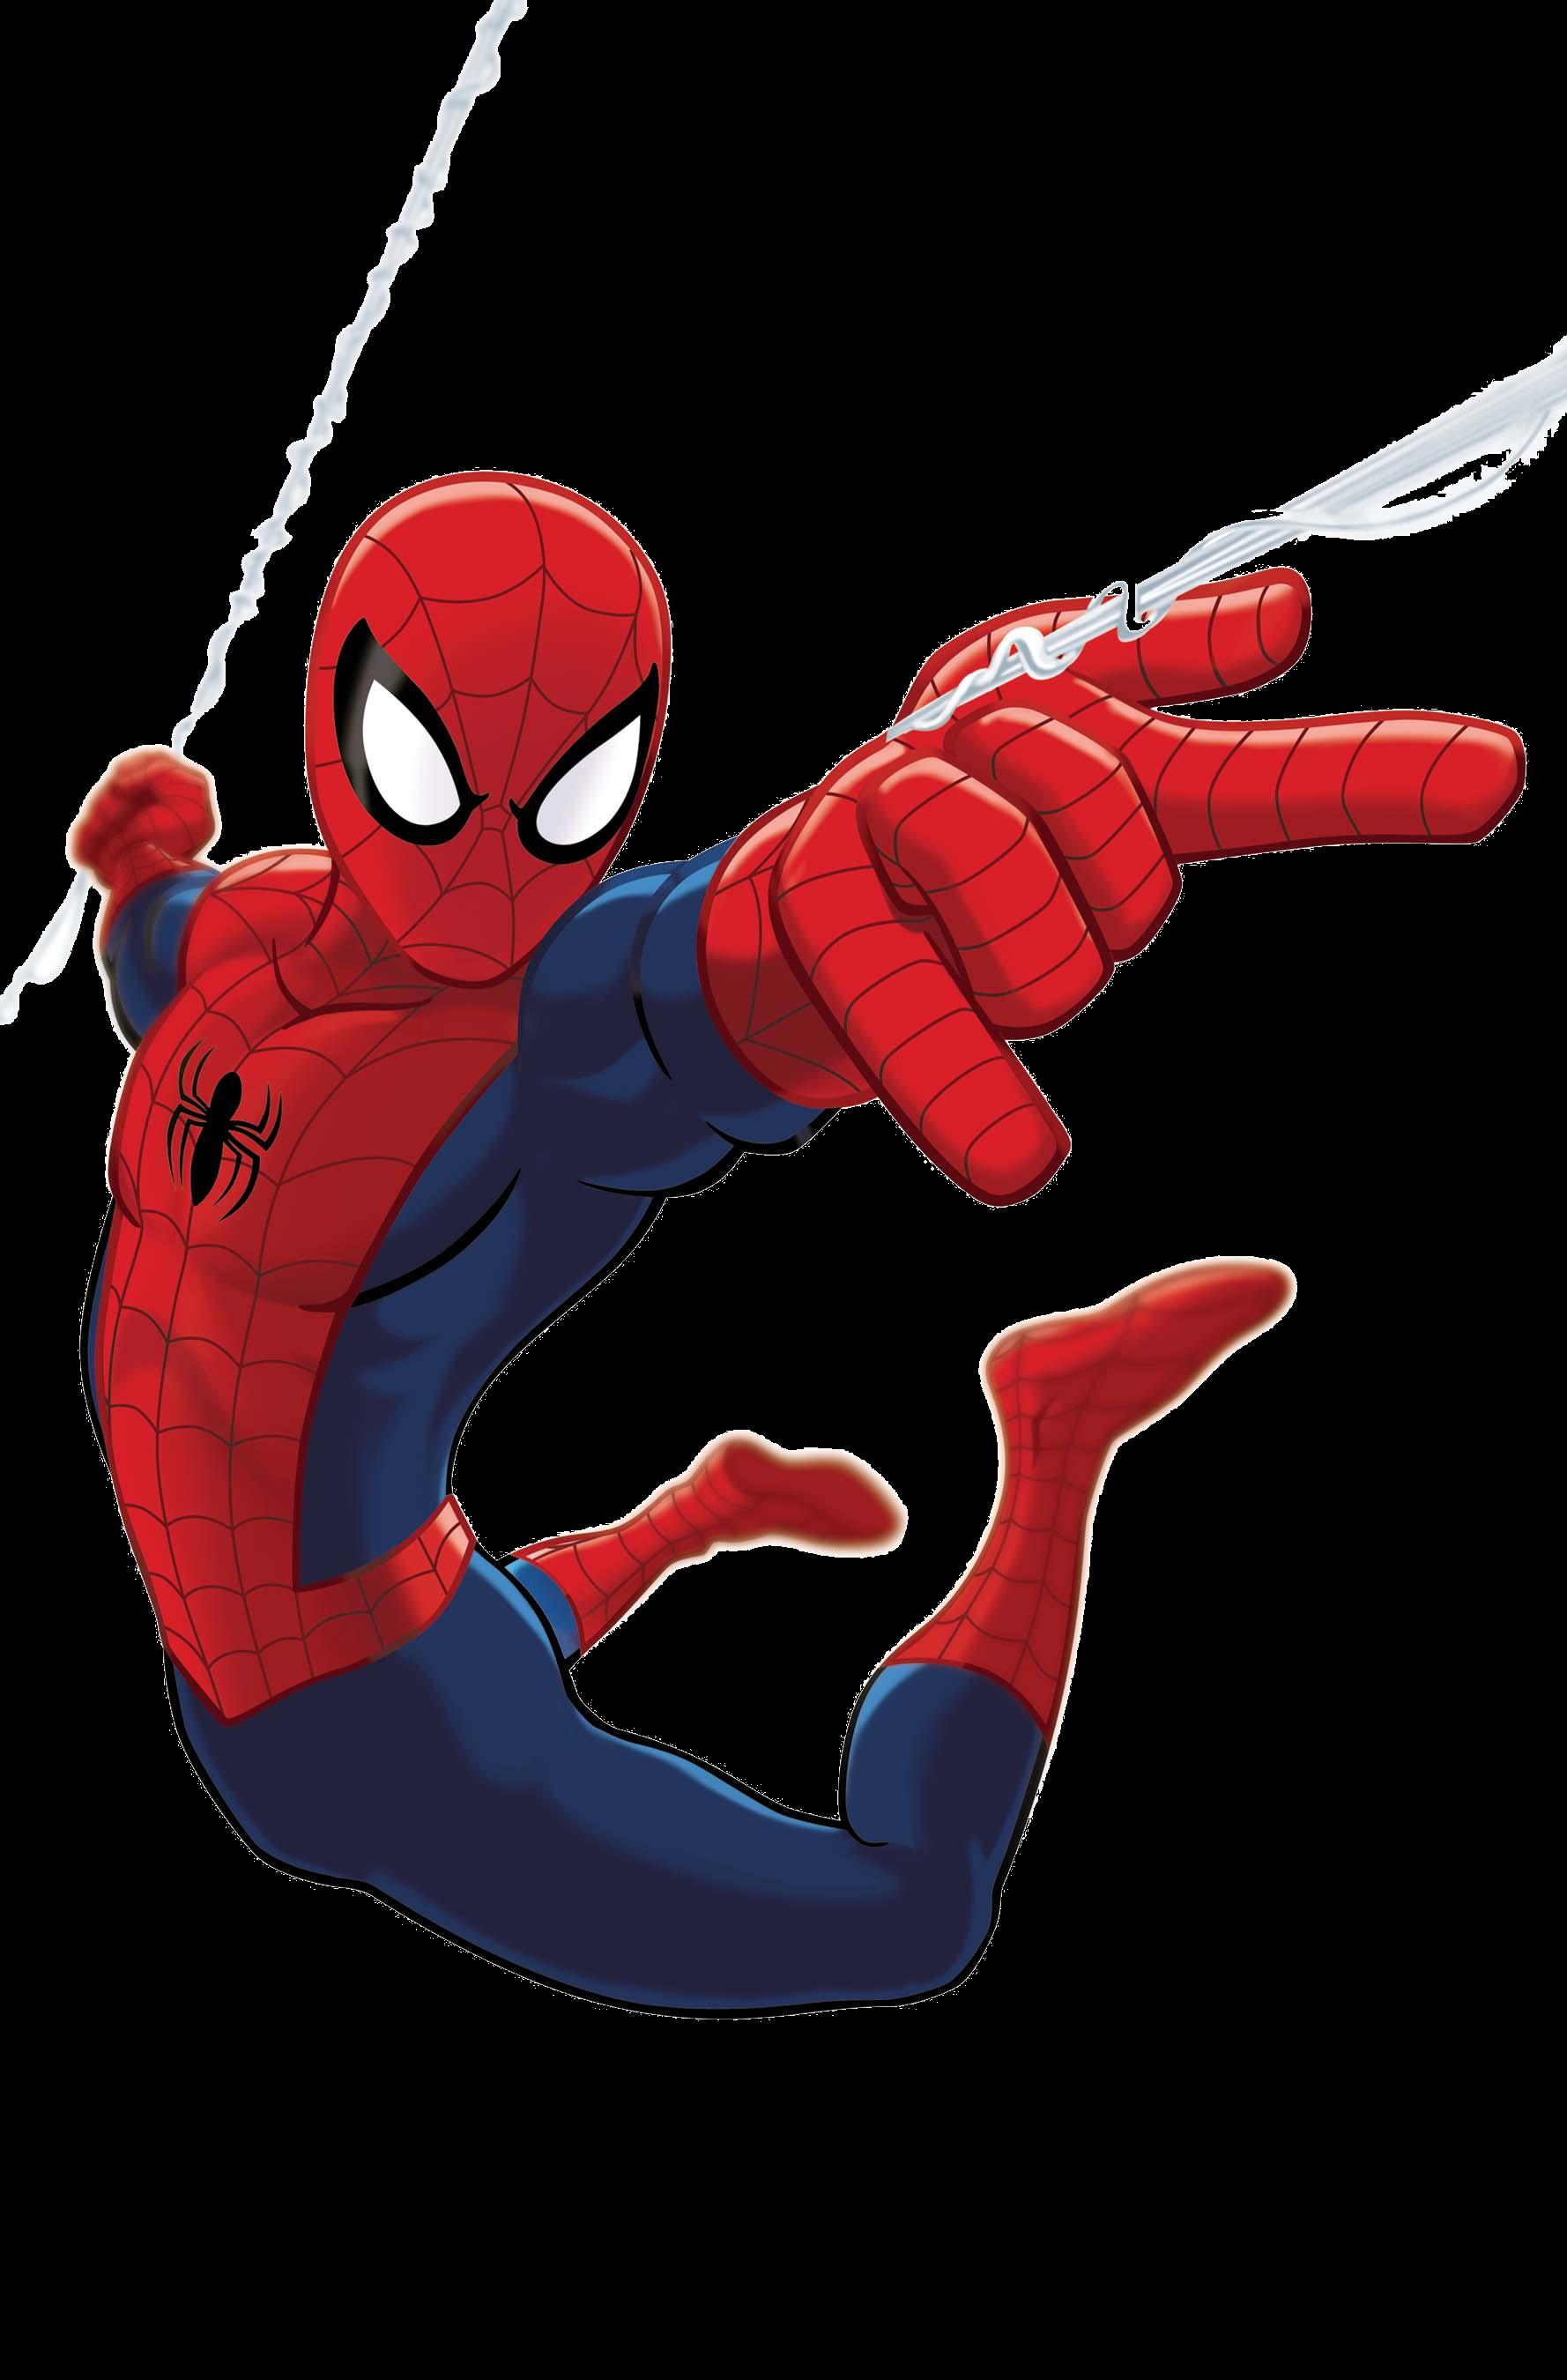 Spider Man Ultimate Spider Man Animated Series Wiki Fandom